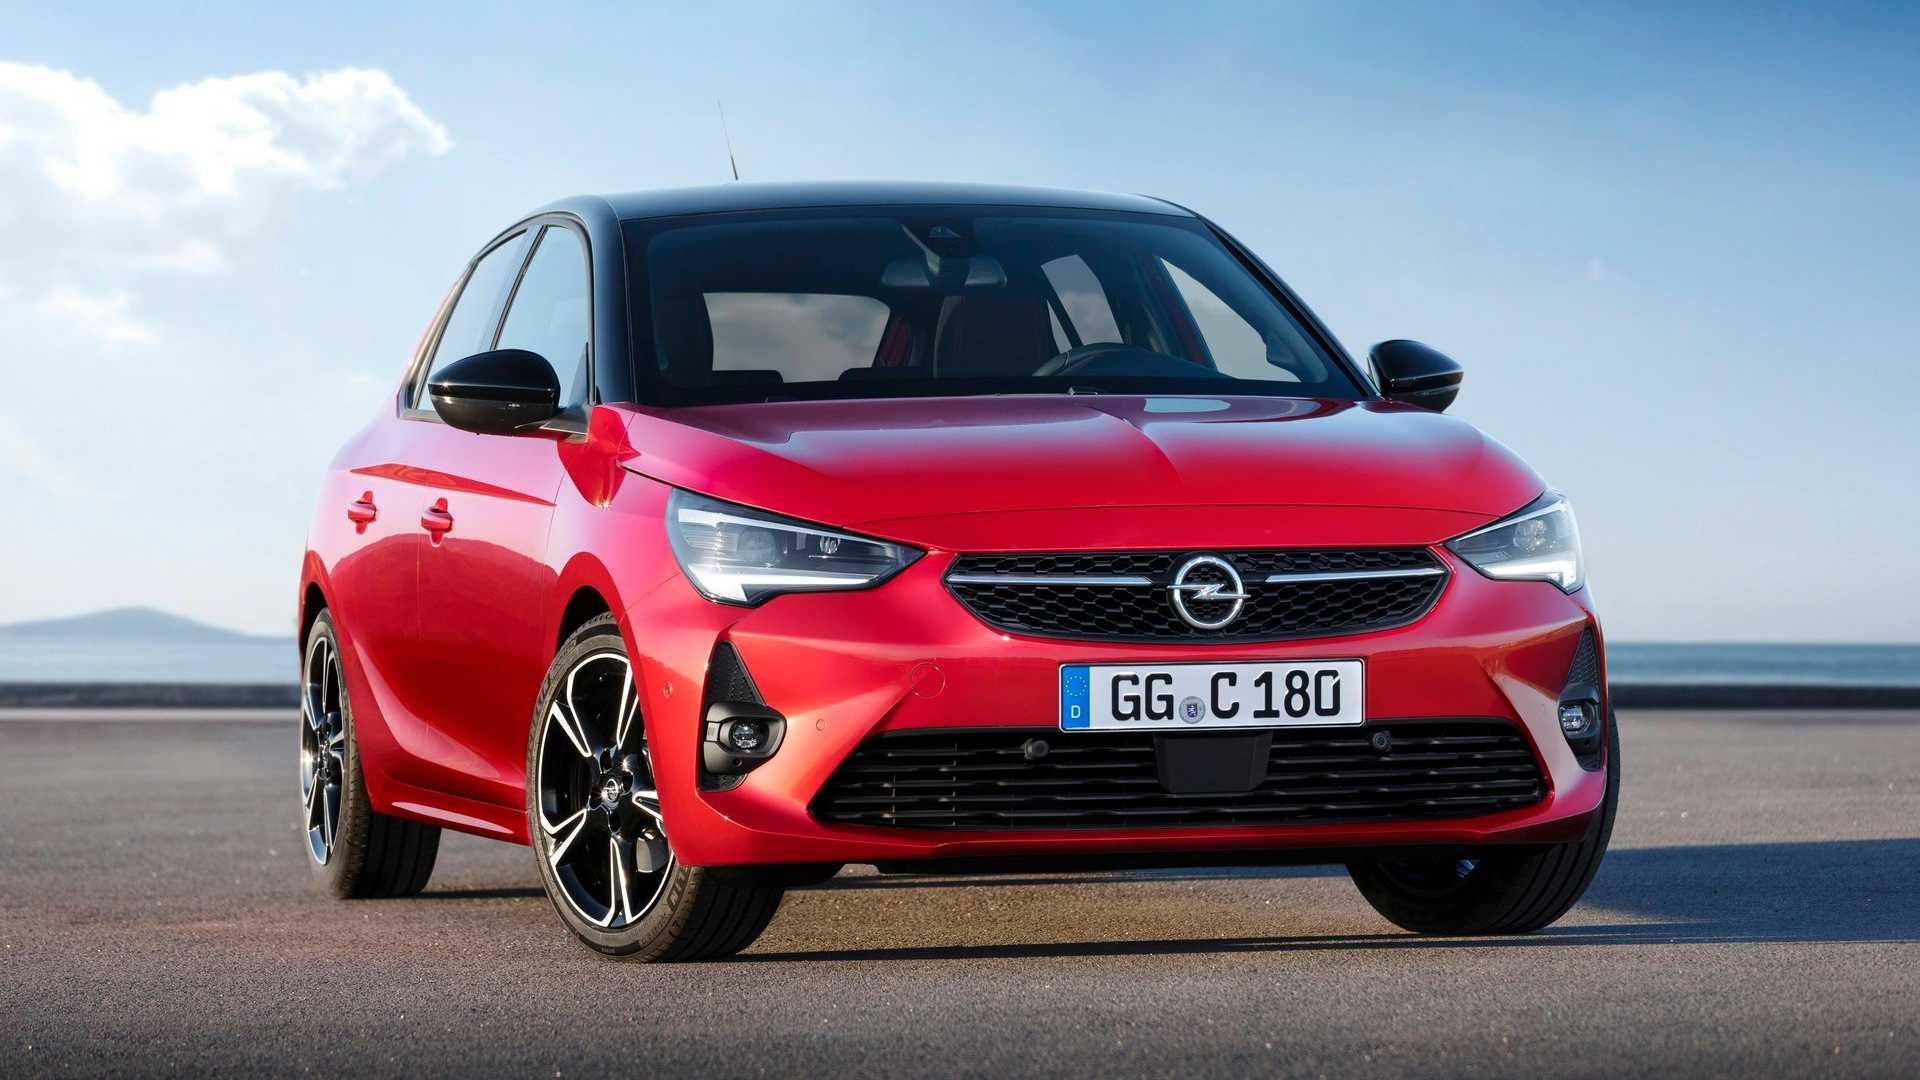 Автомобилестроительная компания «Опель» рассекретила стандартную модификацию хэтчбека Corsa шестой генерации